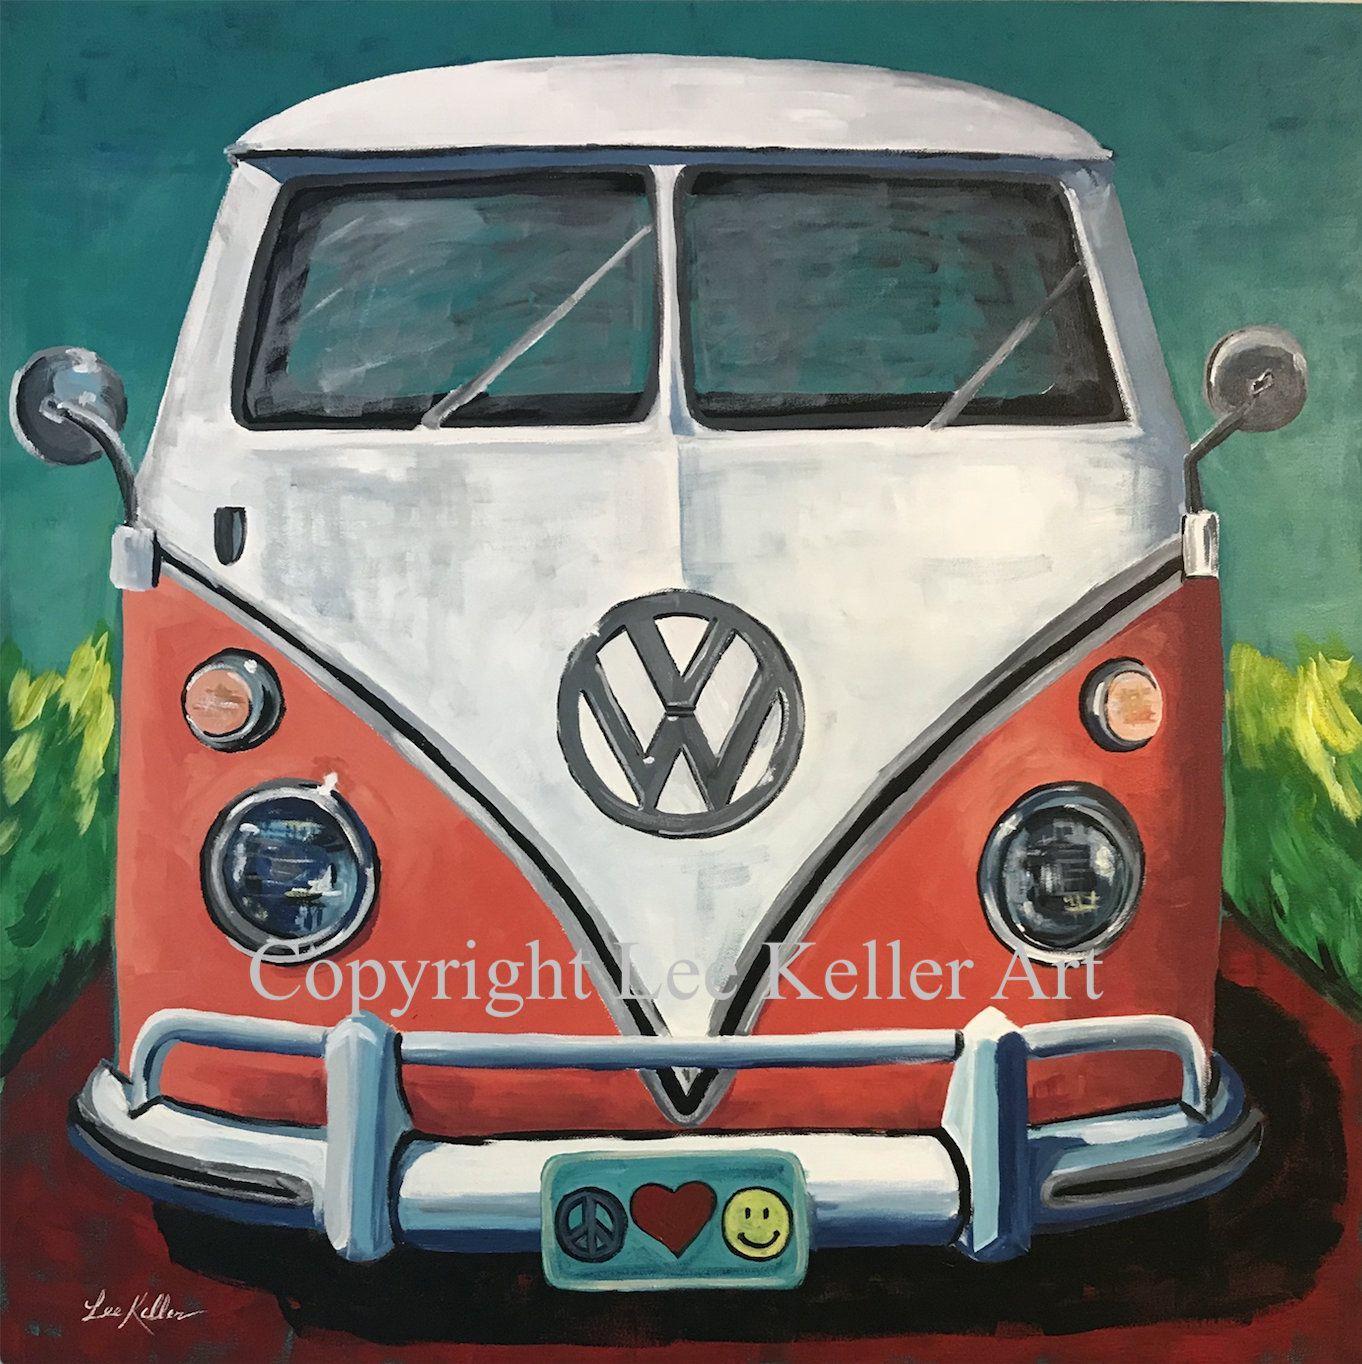 Hippie Van Art Volkswagen Van Art Print Volkswagen Bus Art Etsy Bus Art Hippie Van Art Volkswagen Bus Art